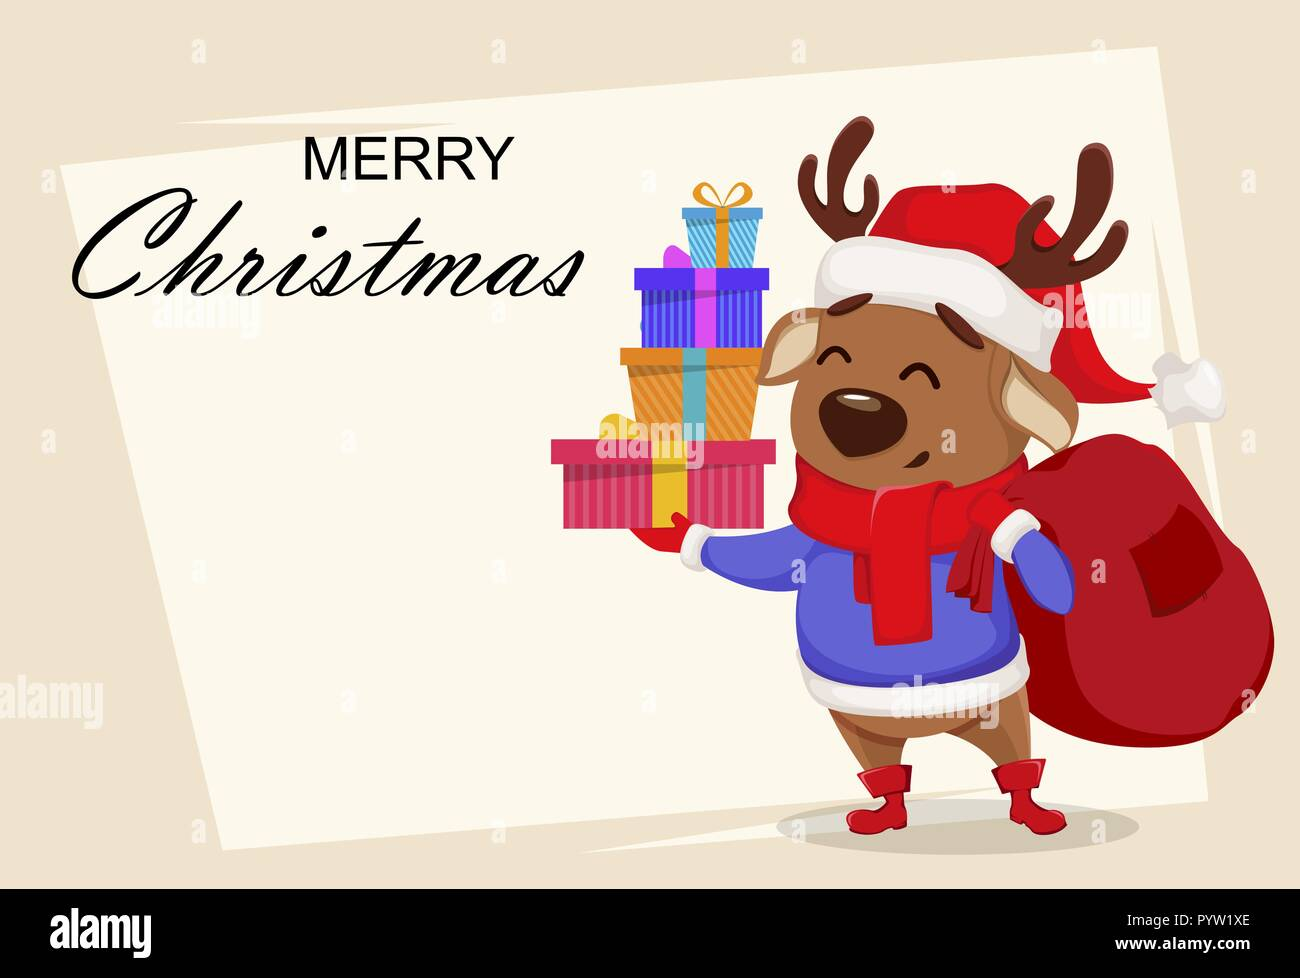 Lustig Frohe Weihnachten.Frohe Weihnachten Grusskarten Mit Cute Deer Tragen